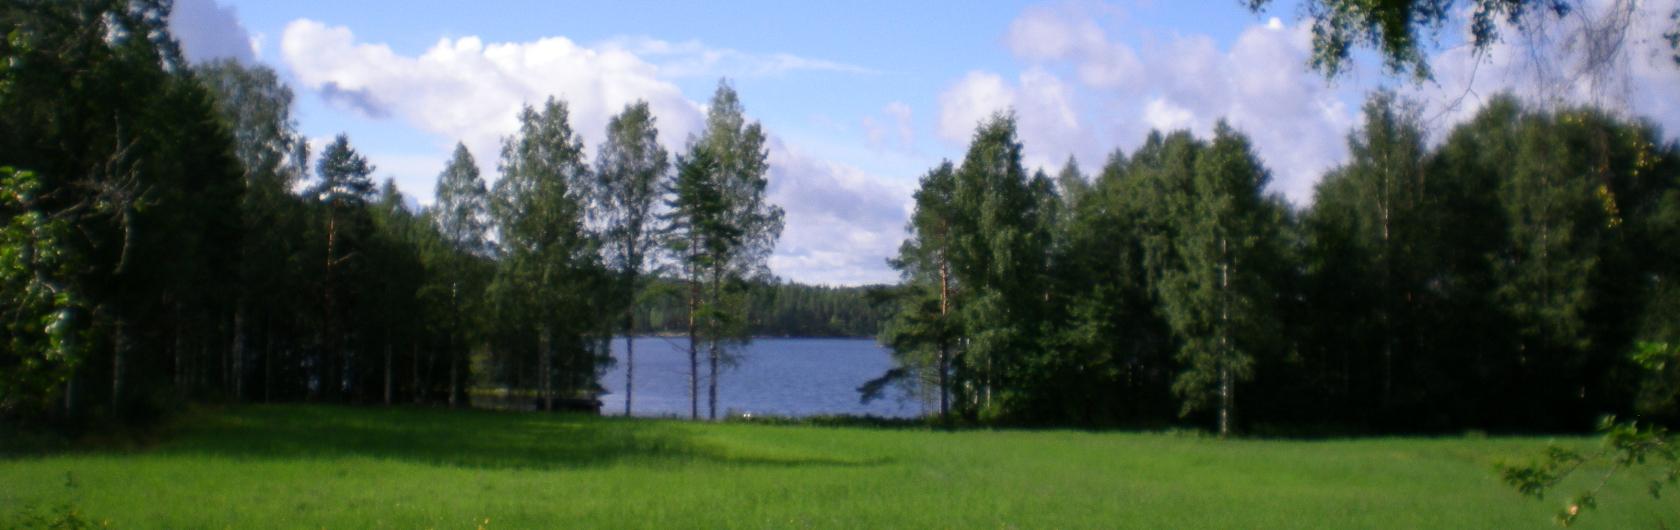 Protección-Medio-Ambiental-Ecosistema-Equilibrio2